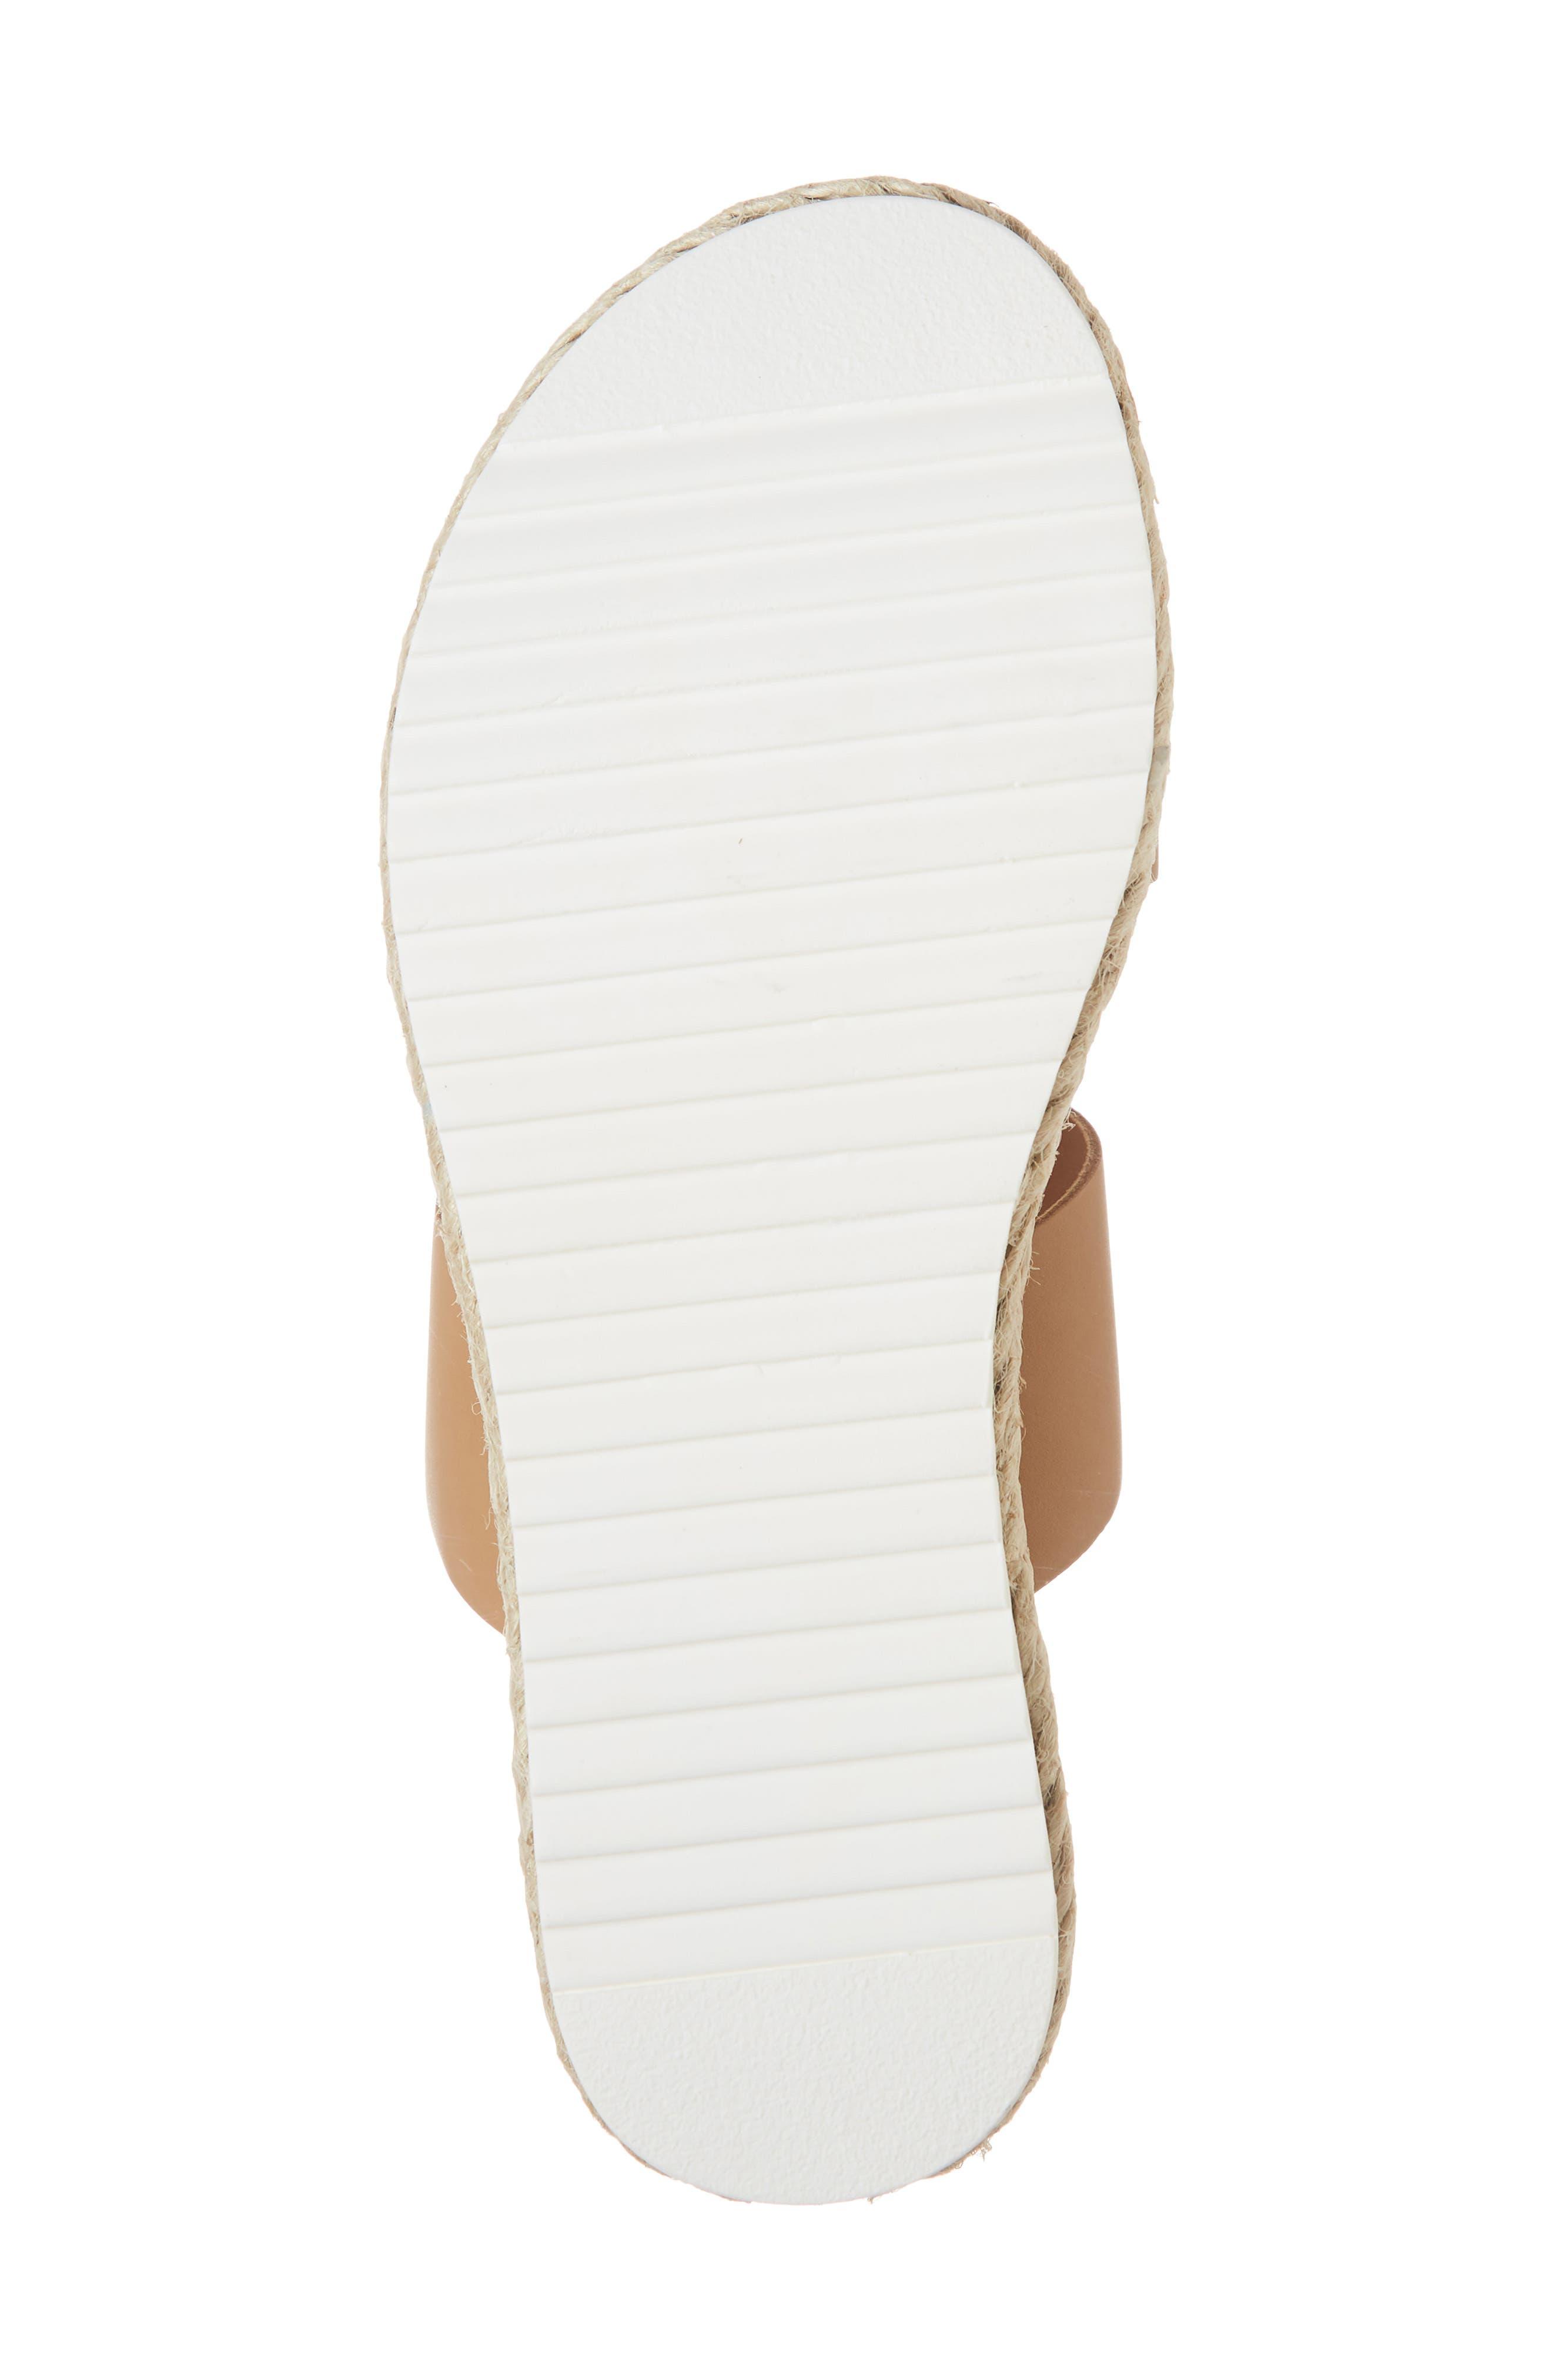 Amaze Platform Slide Sandal,                             Alternate thumbnail 6, color,                             NATURAL LEATHER